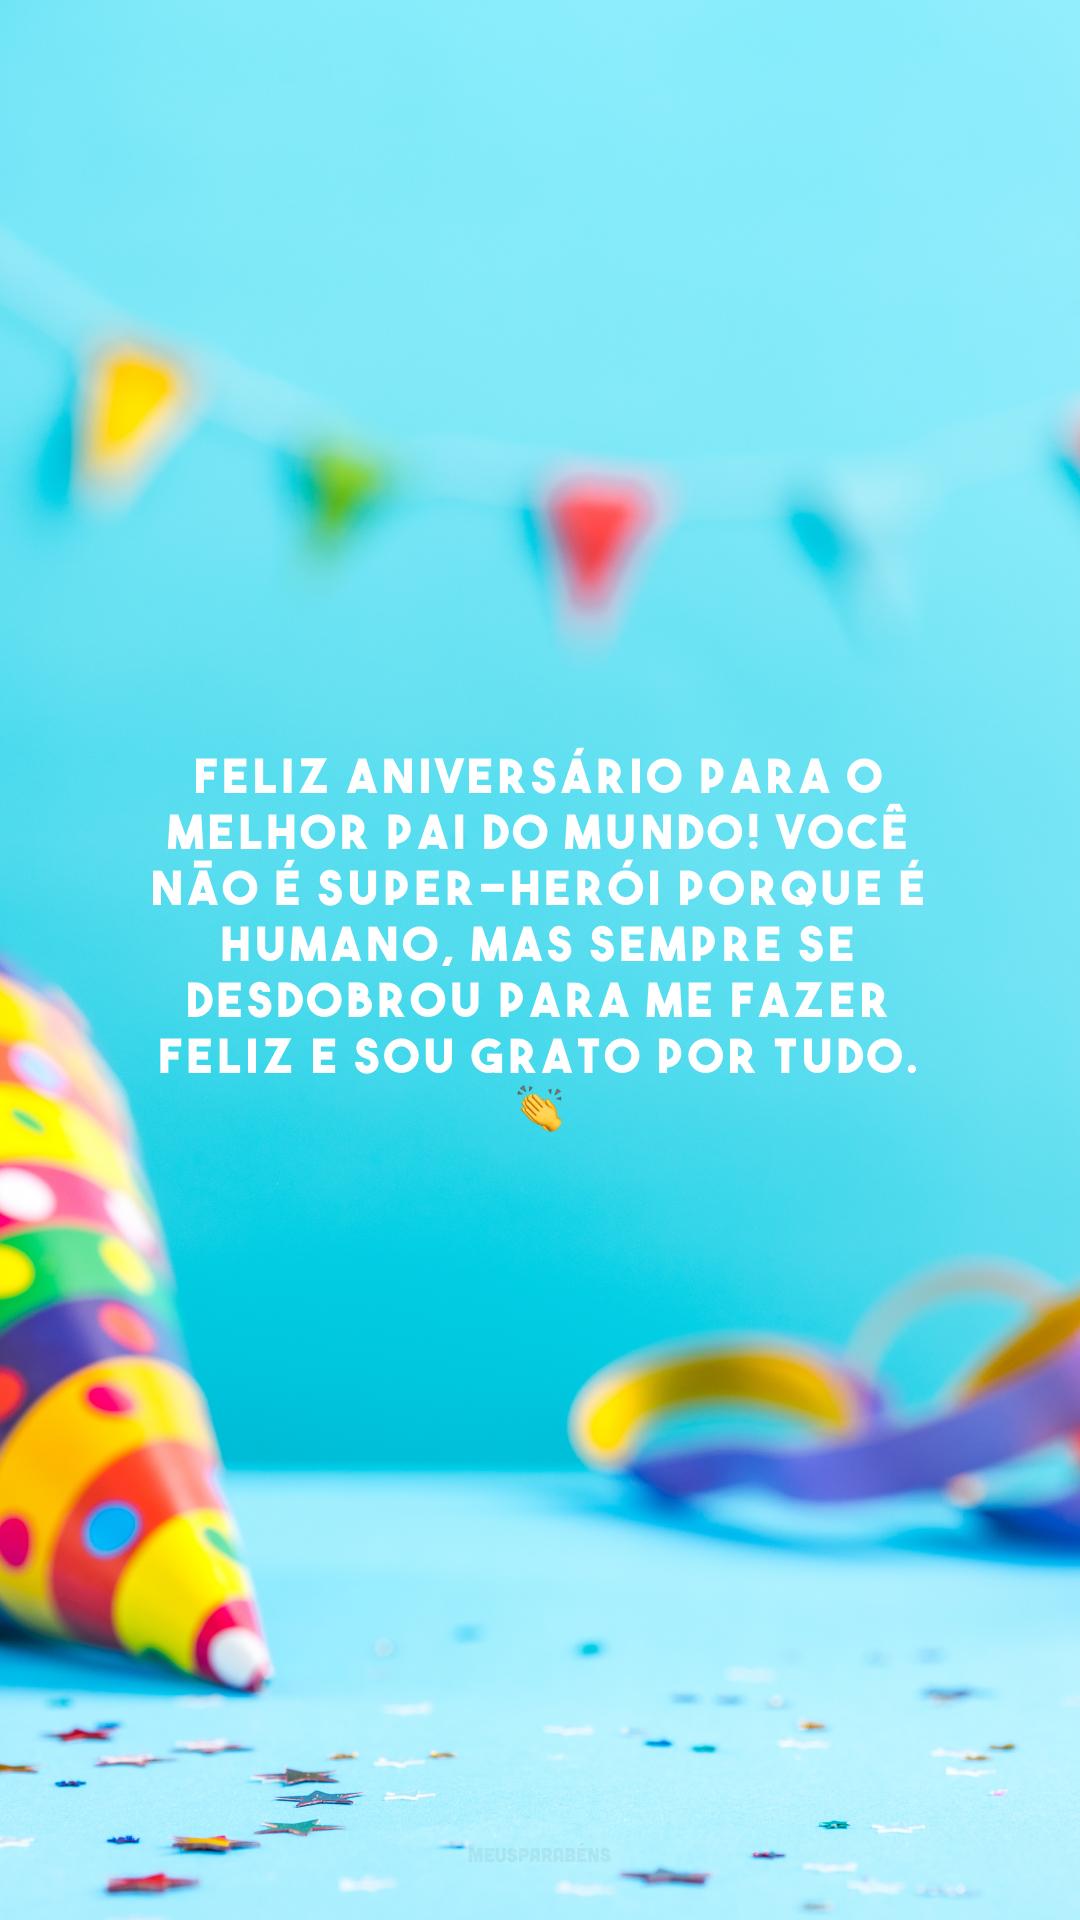 Feliz aniversário para o melhor pai do mundo! Você não é super-herói porque é humano, mas sempre se desdobrou para me fazer feliz e sou grato por tudo. 👏